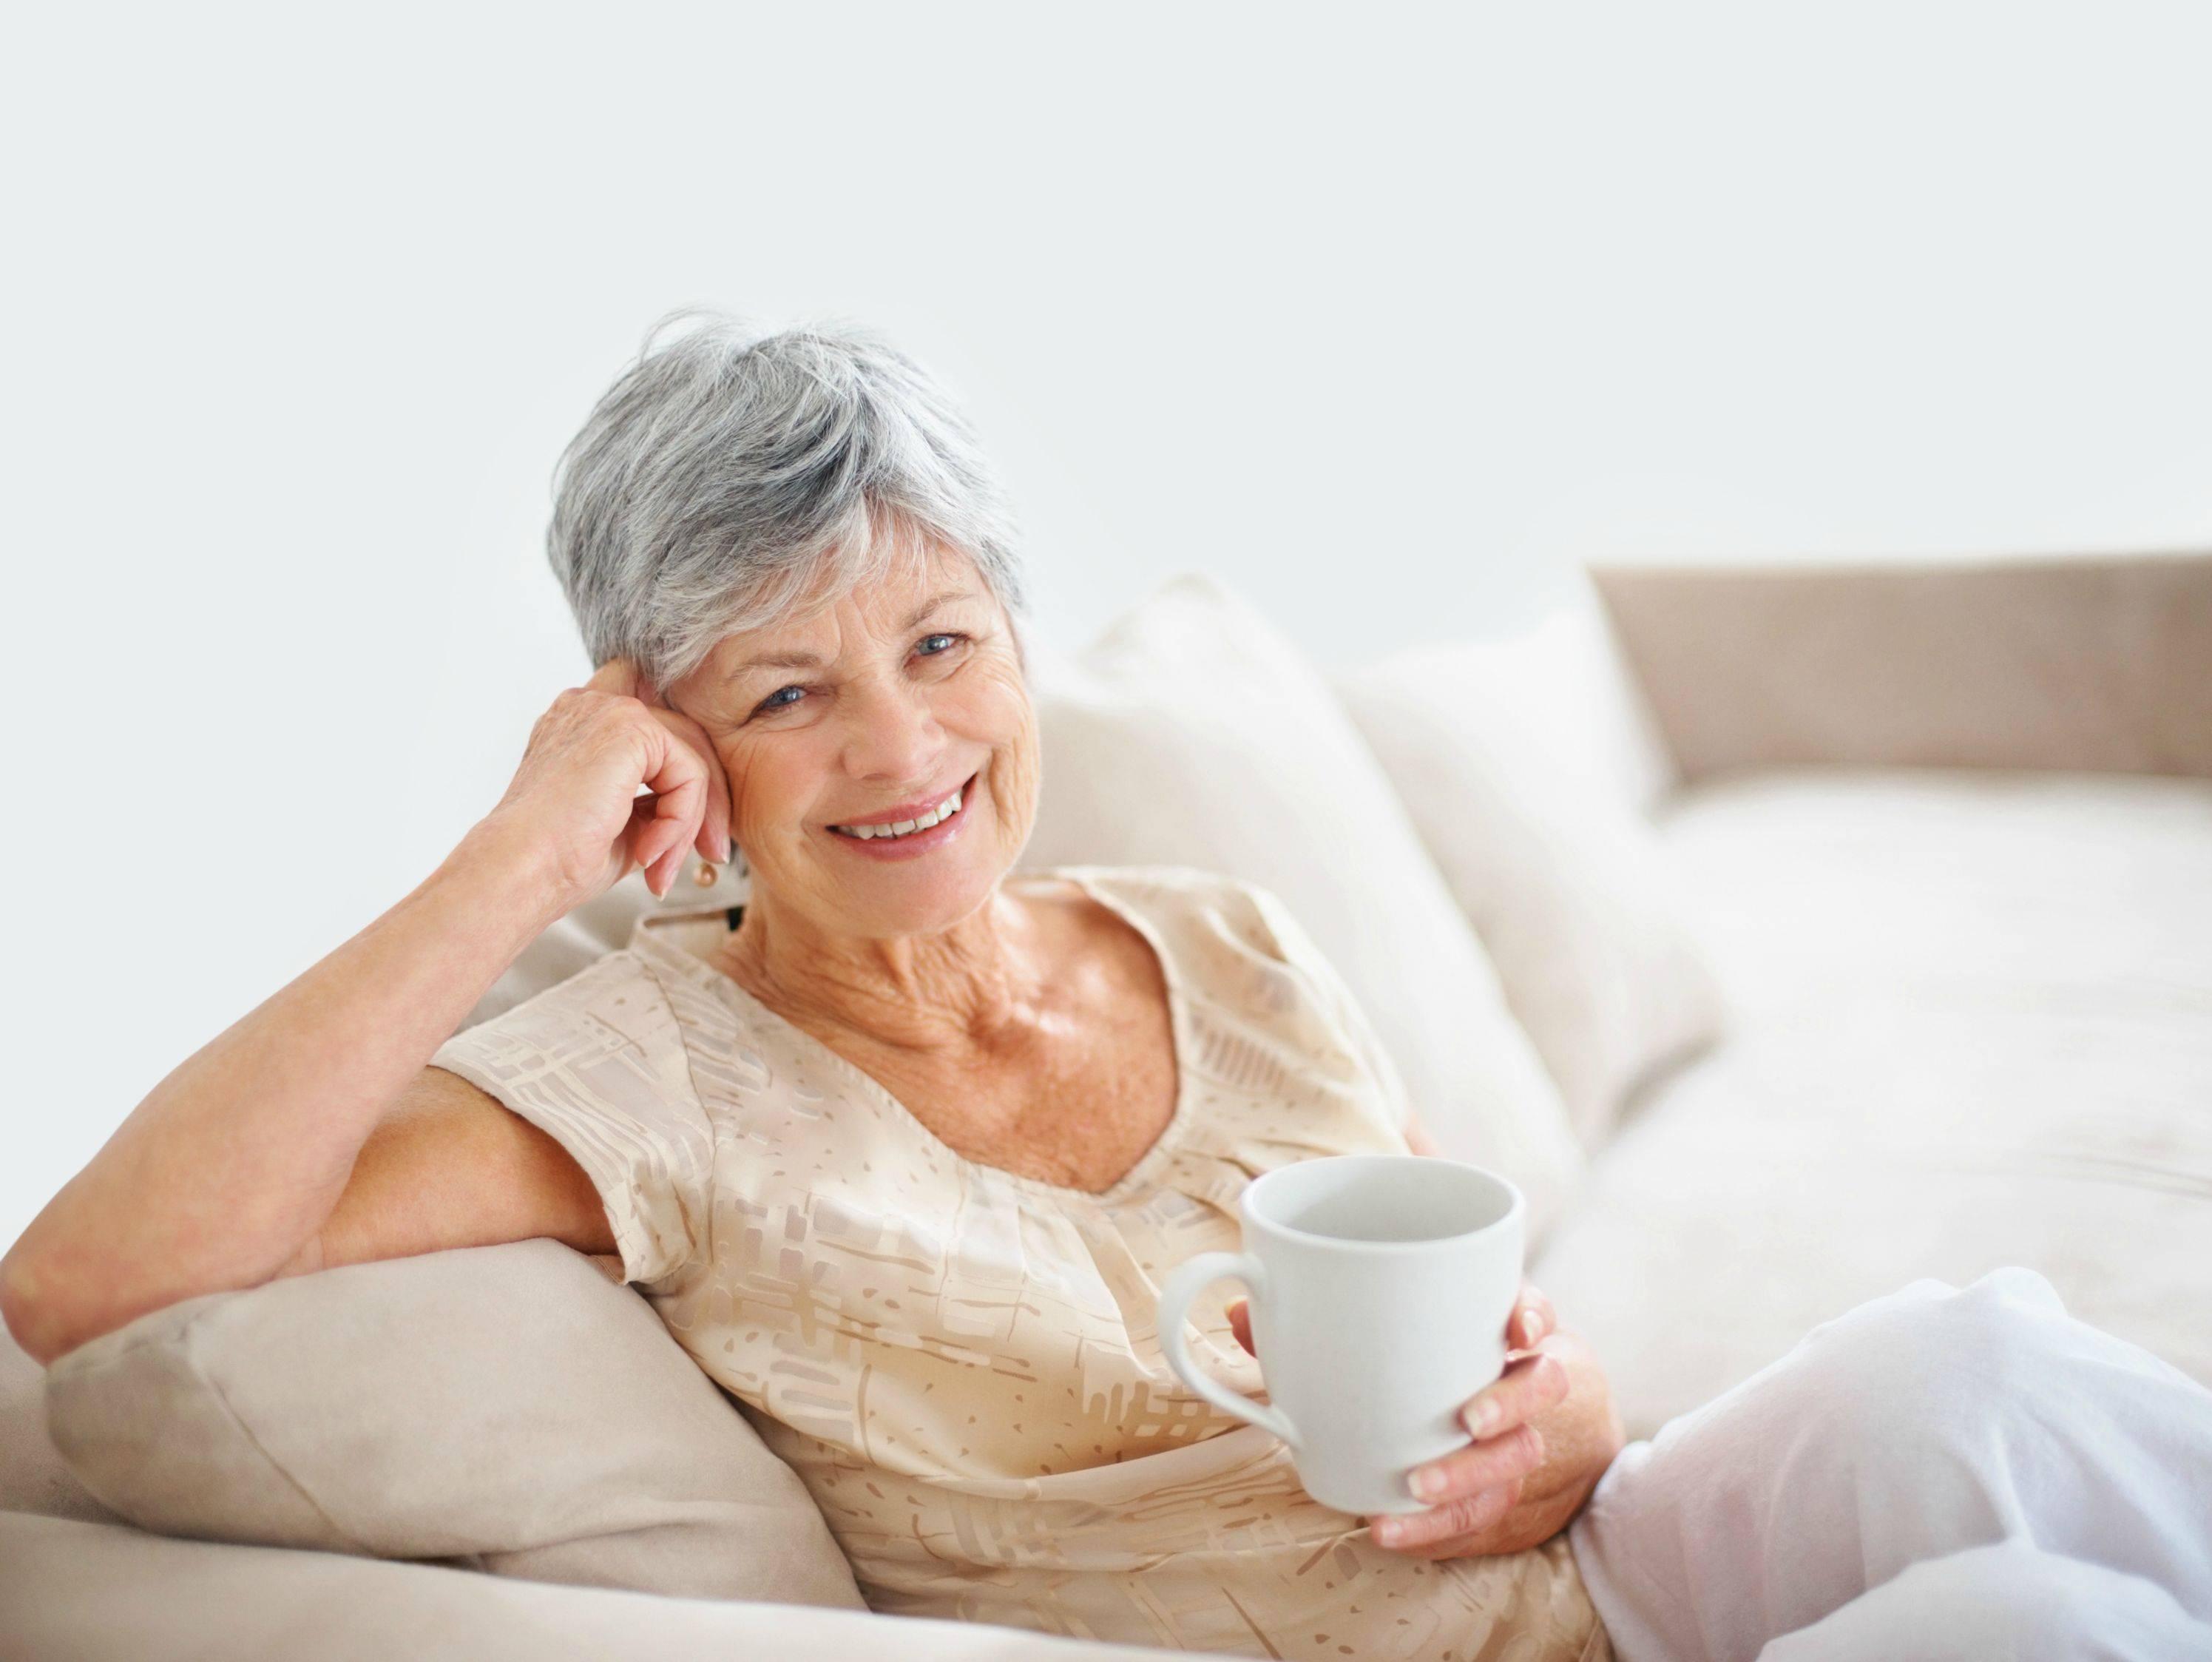 Головокружение при климаксе — признаки, симптомы, лечение